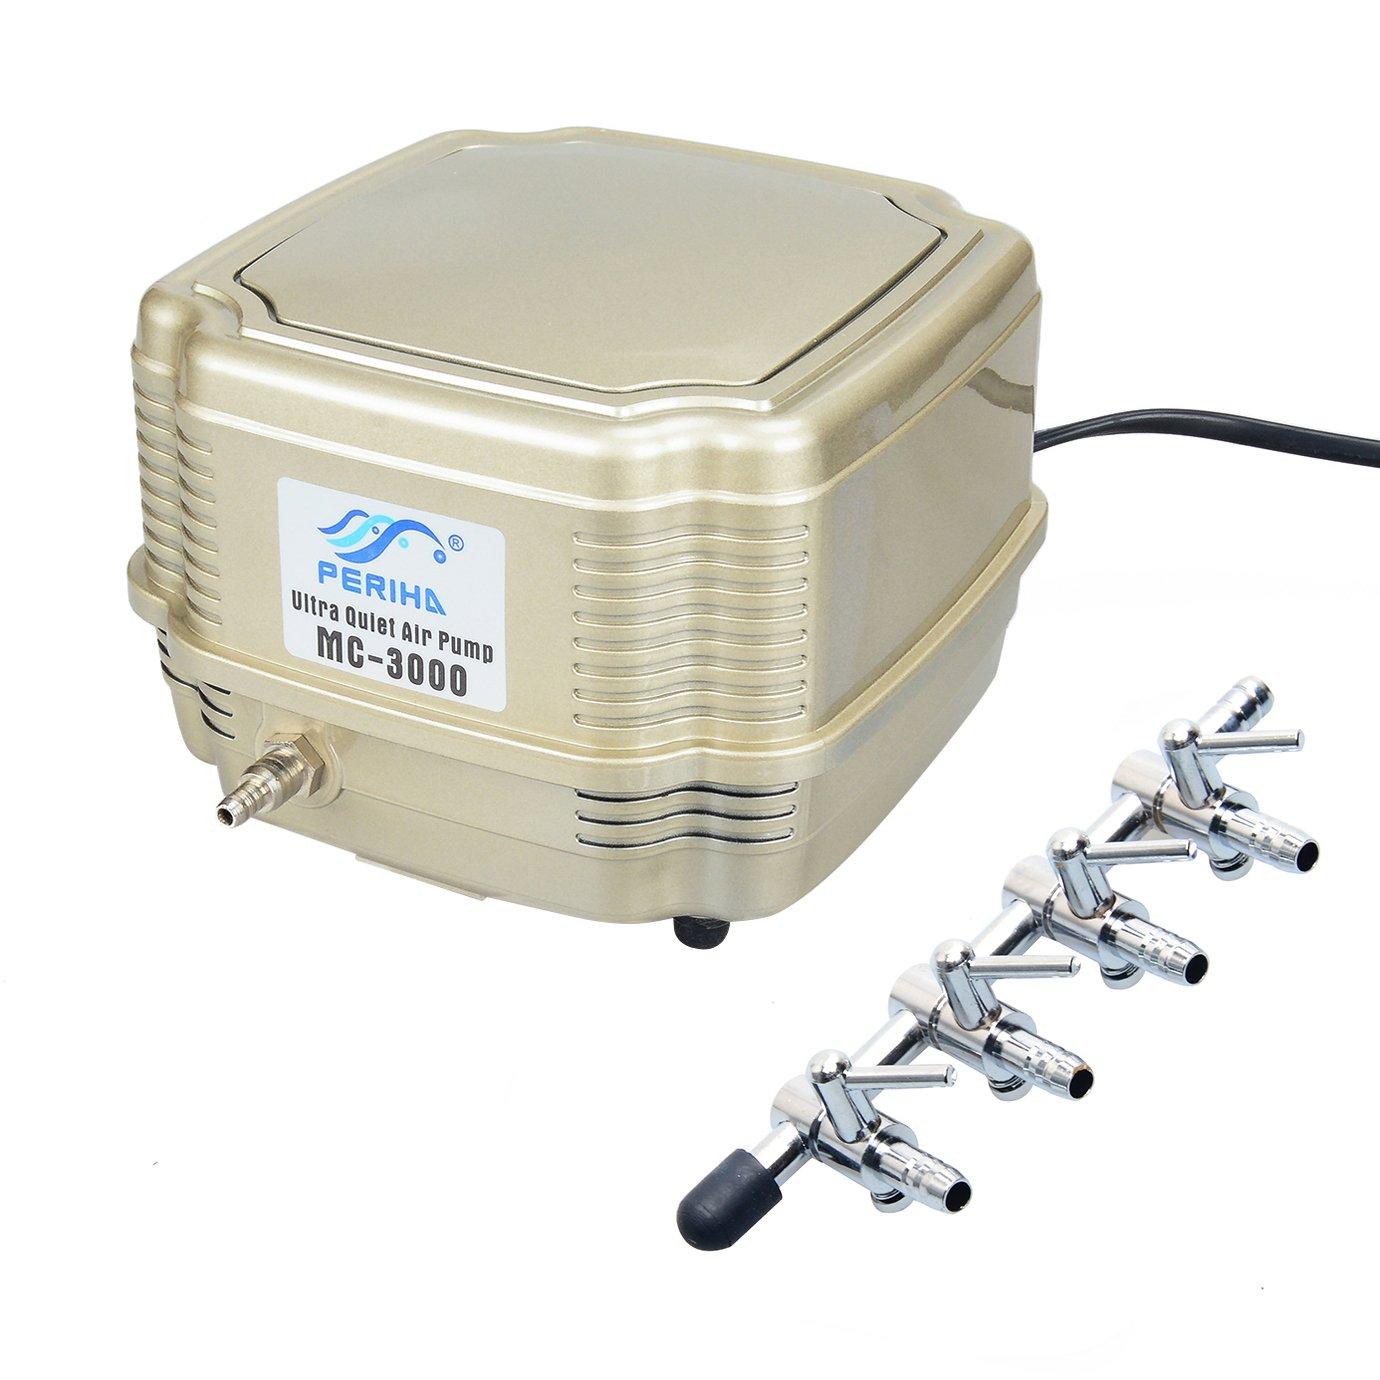 Pawfly Commercial Air Pump MC-3000 Quiet Oxygen Pump for Aquarium Pond, 4 Outlets, 8 W, 16 L/min